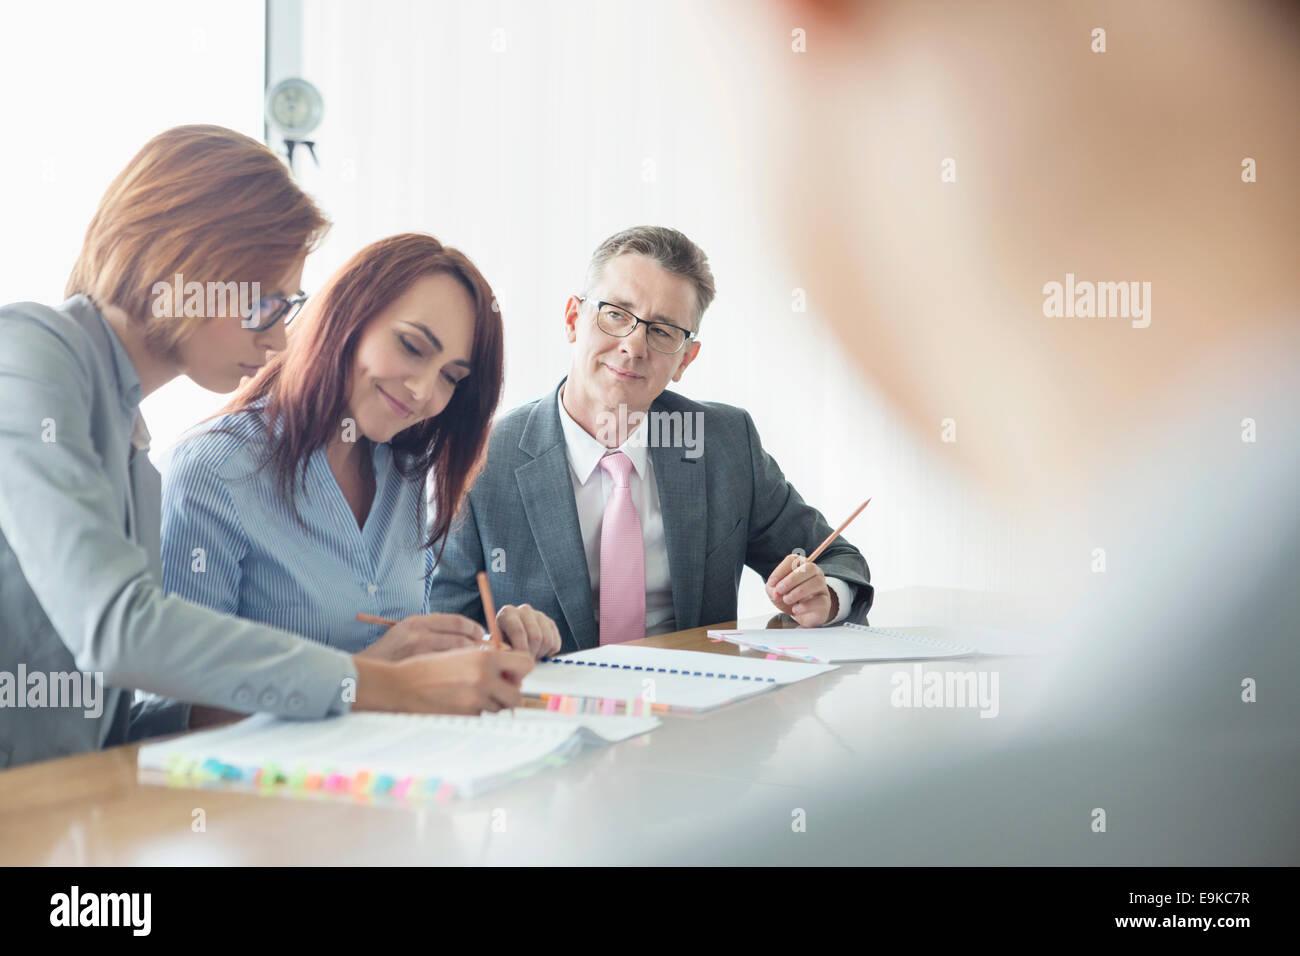 Les gens qui travaillent ensemble à la table de conférence Photo Stock